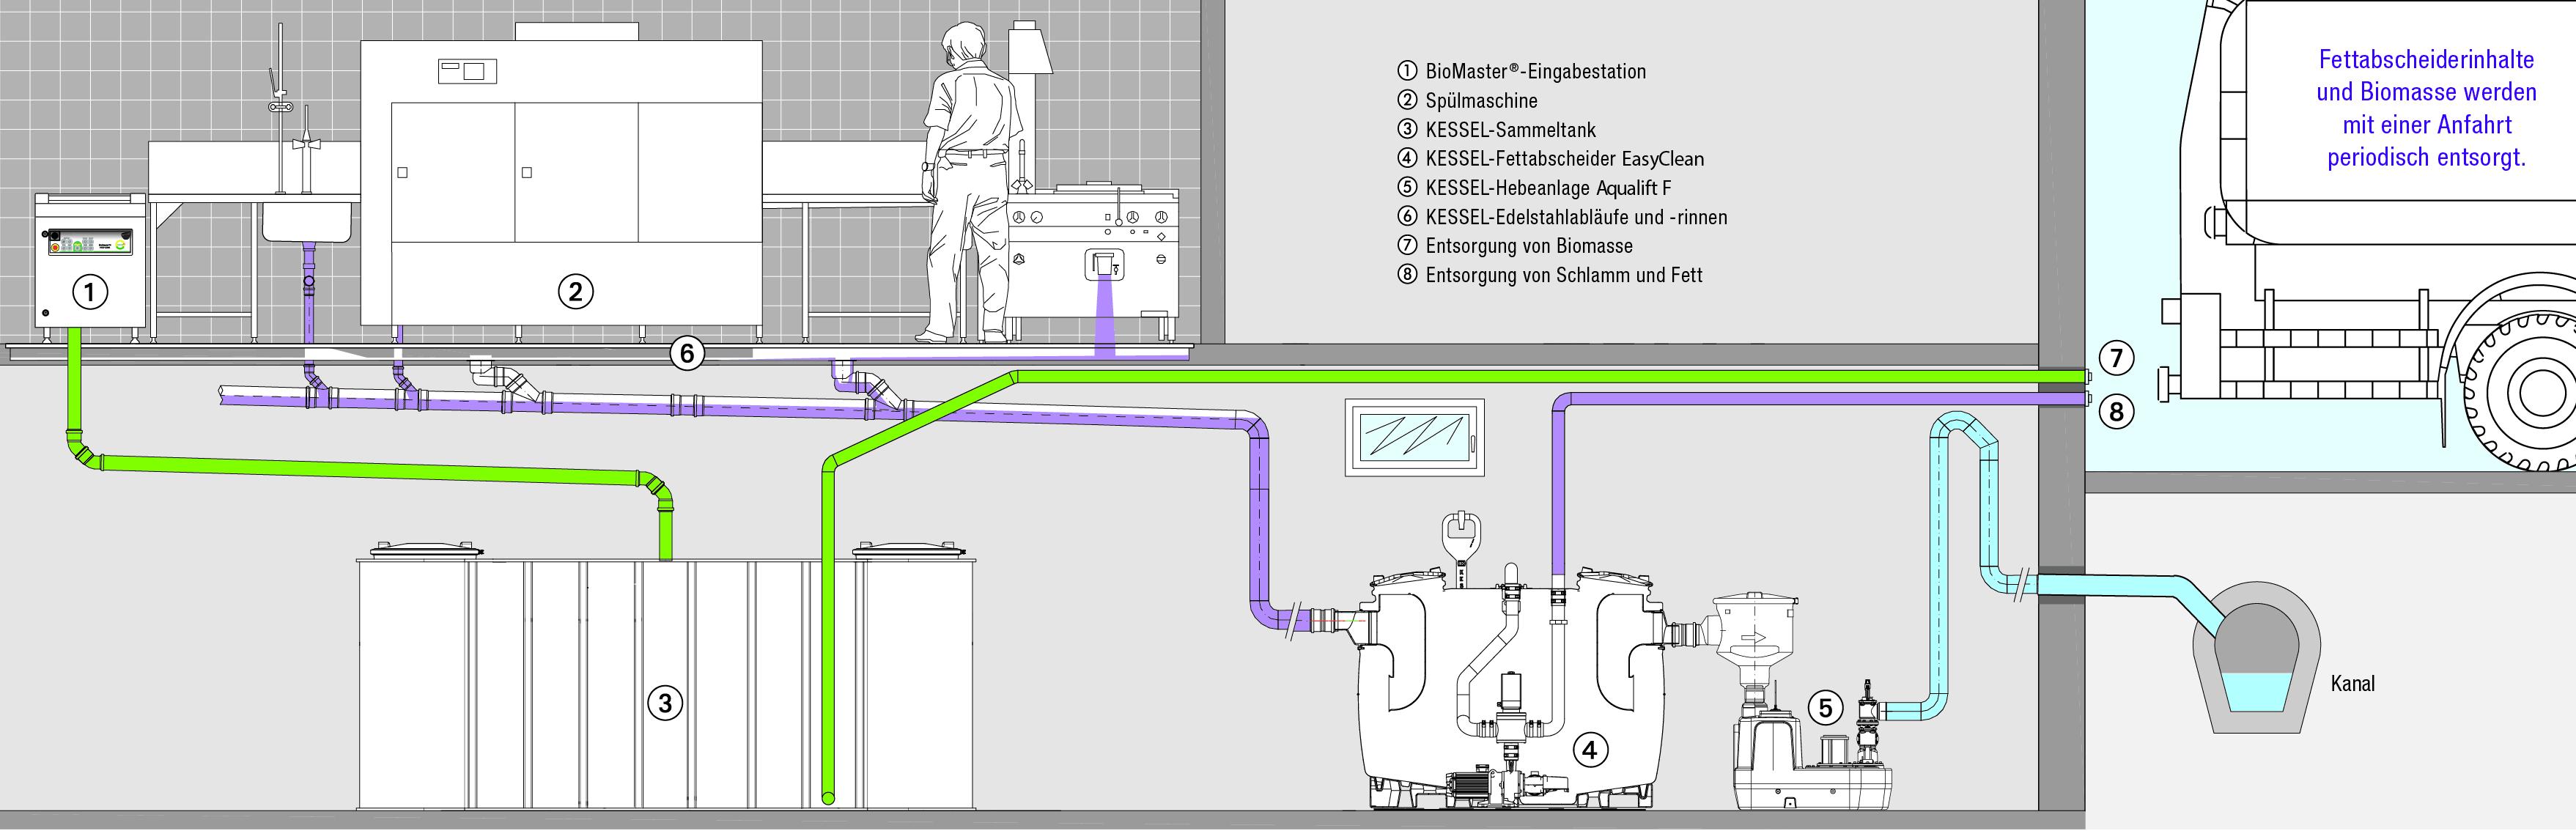 BioTrans und Kessel kooperieren für eine abgestimmte Entsorgung